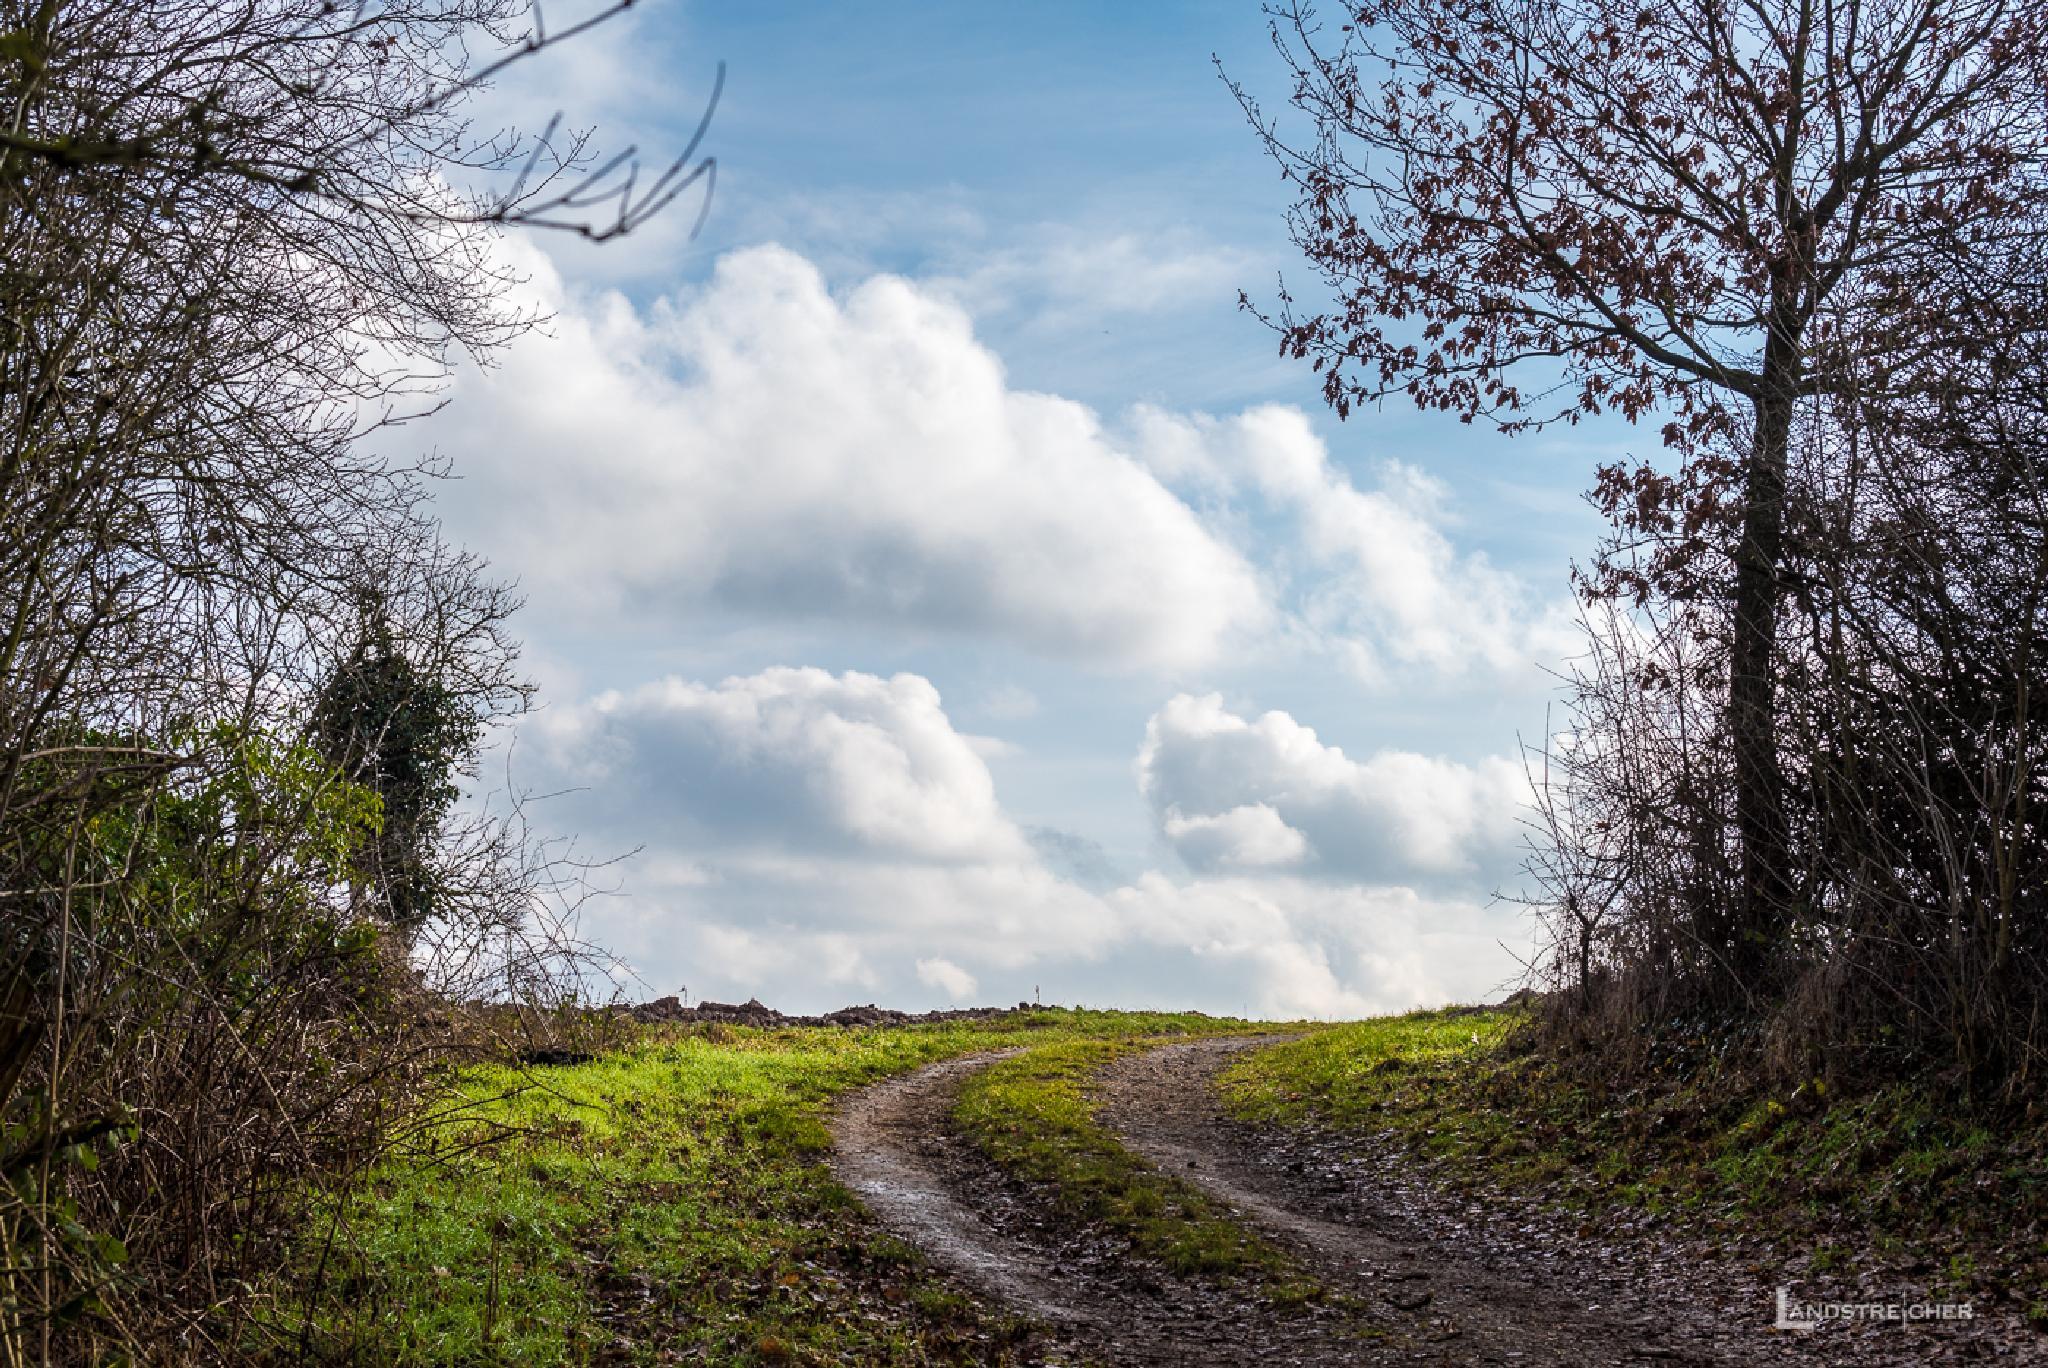 Waldweg by Landstreicher